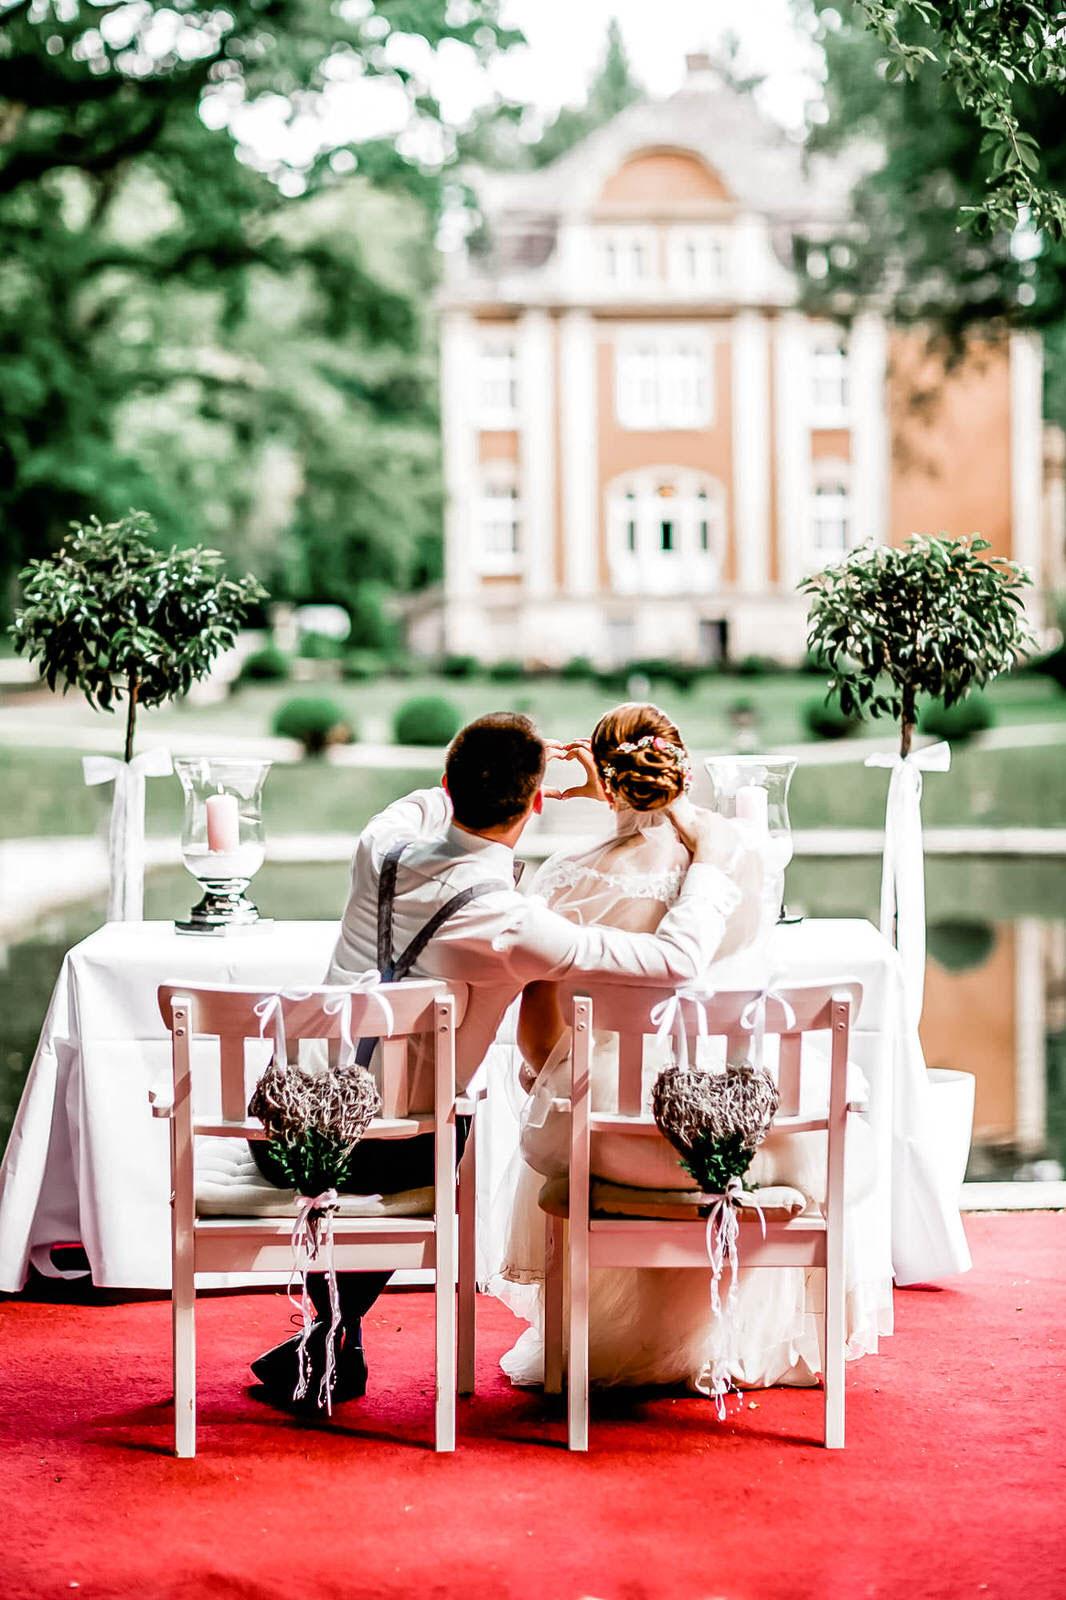 Hochzeit auf Schloss Eldingen, Celle, Hochzeitsfotografie Birgit Fechner, FOTOFECHNER, Hochzeitsfotograf Eldingen